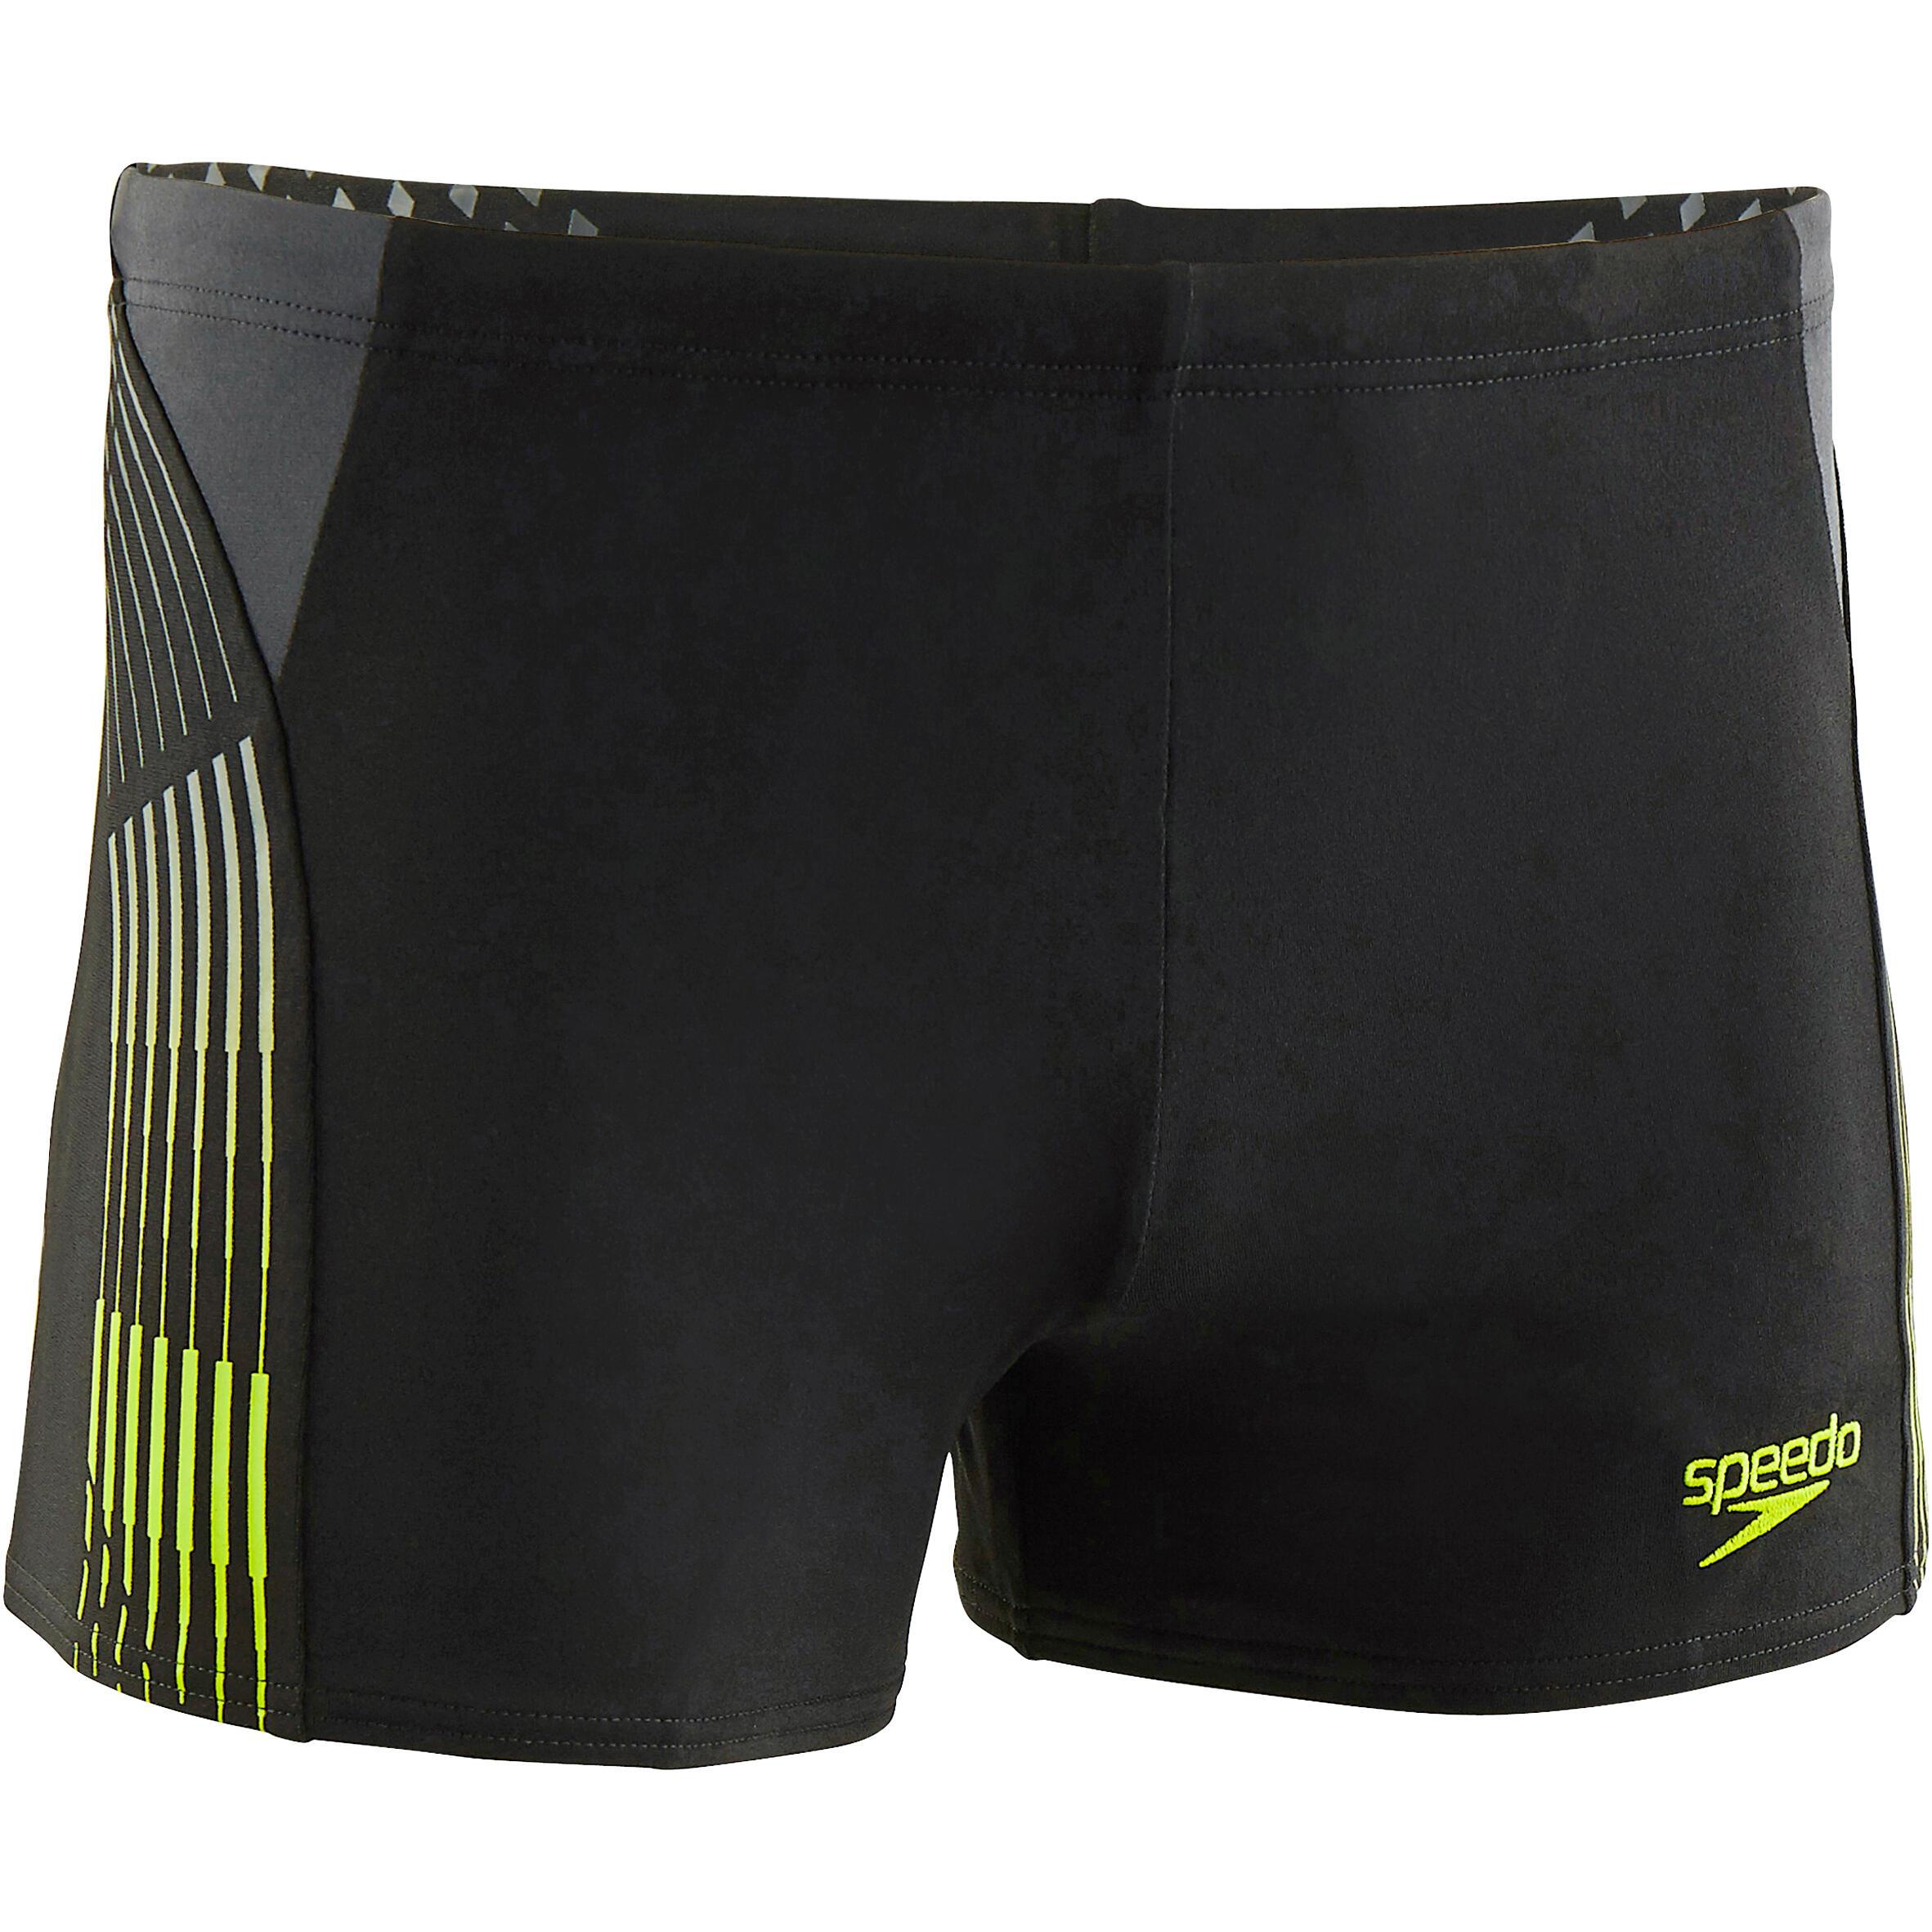 Speedo Zwemboxer voor heren met print zwart/geel